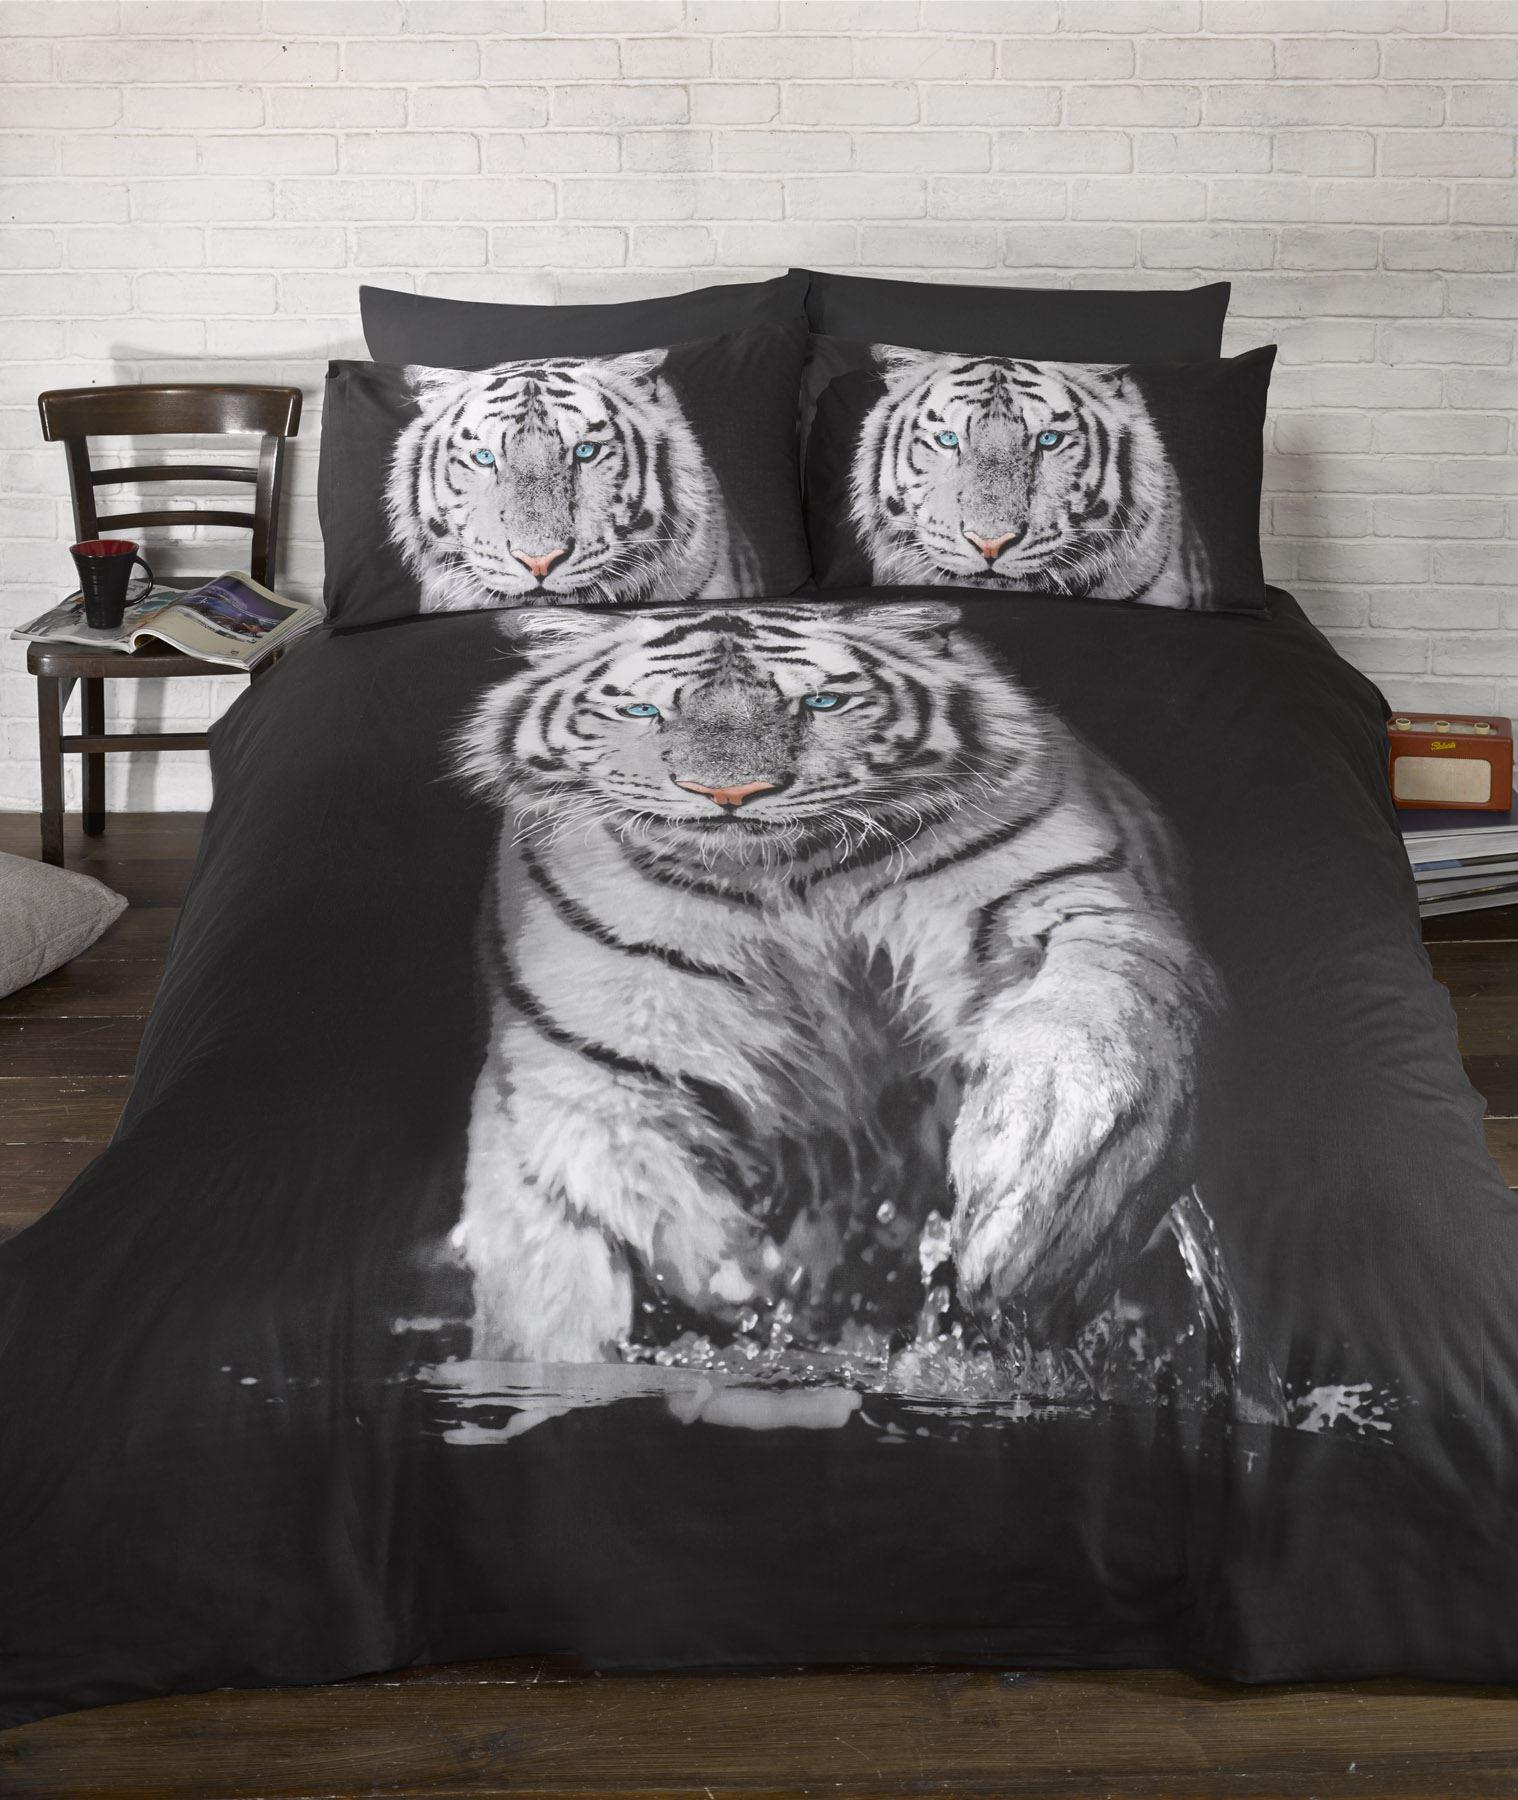 Vintage-Art-tigre-animali-biancheria-letto-copripiumino